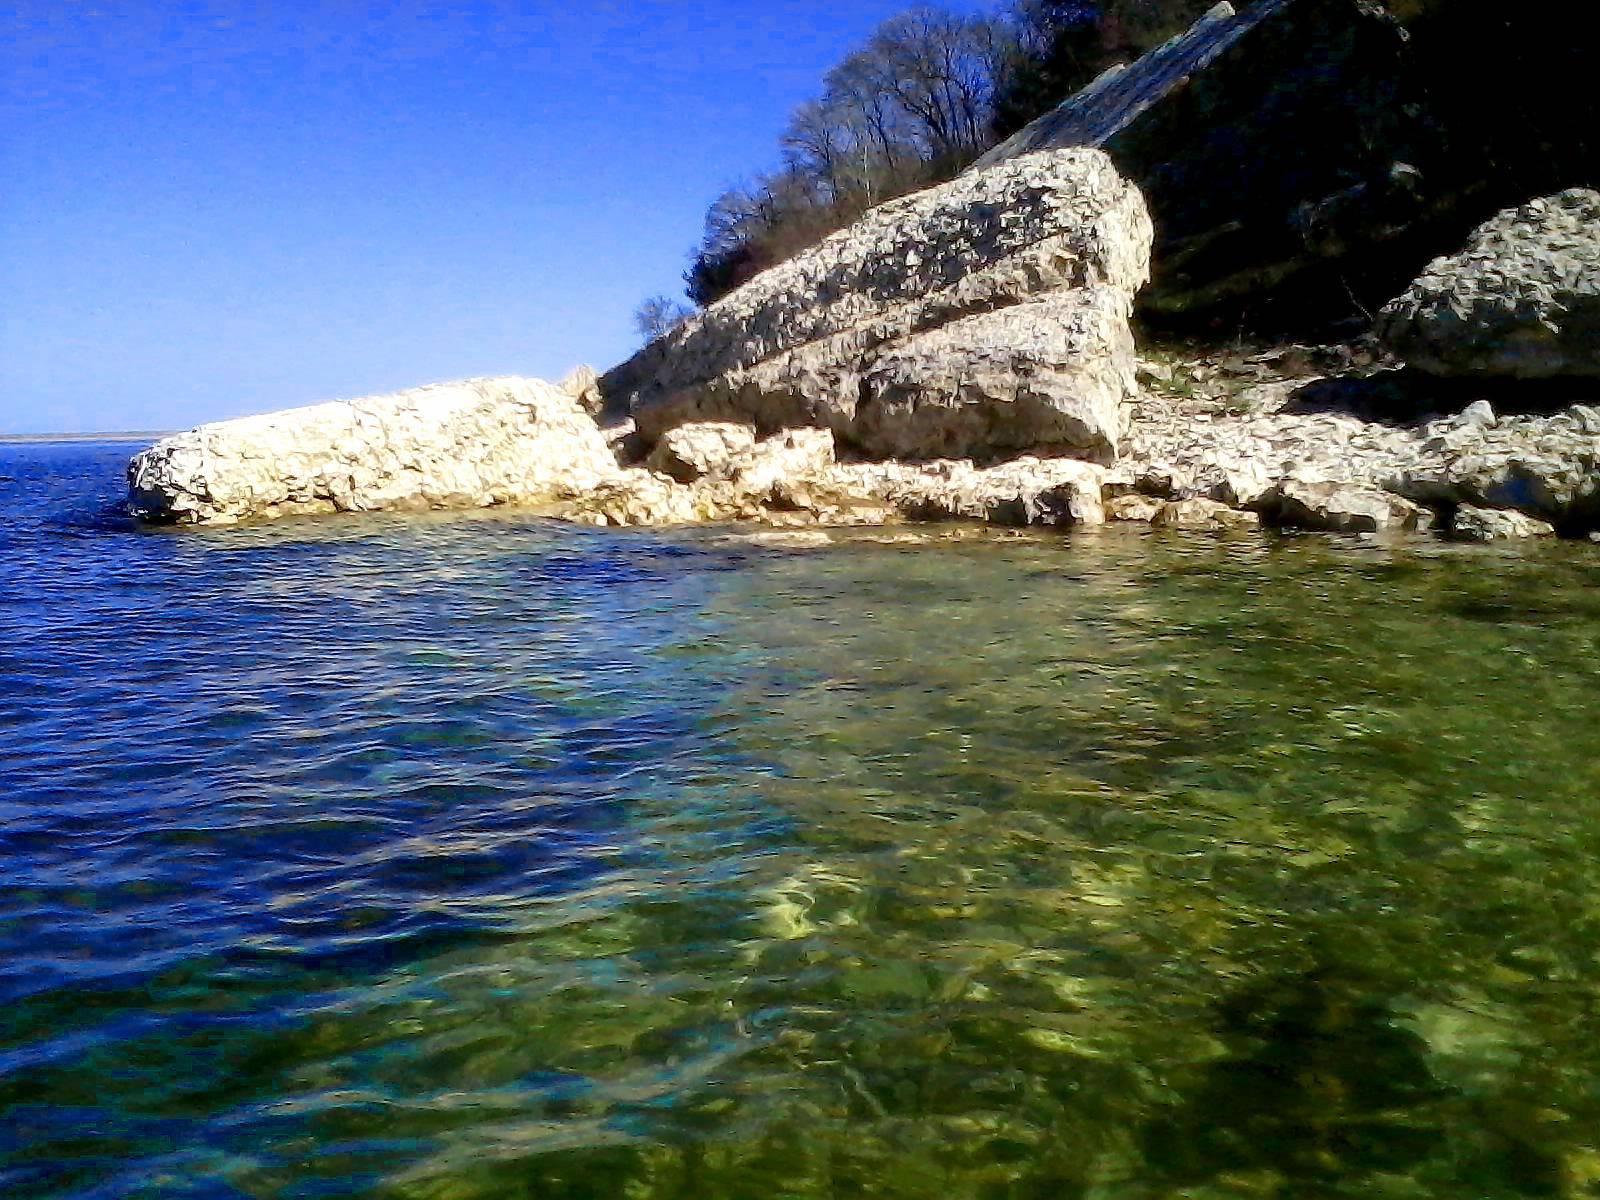 Cliffs of Lake Texoma